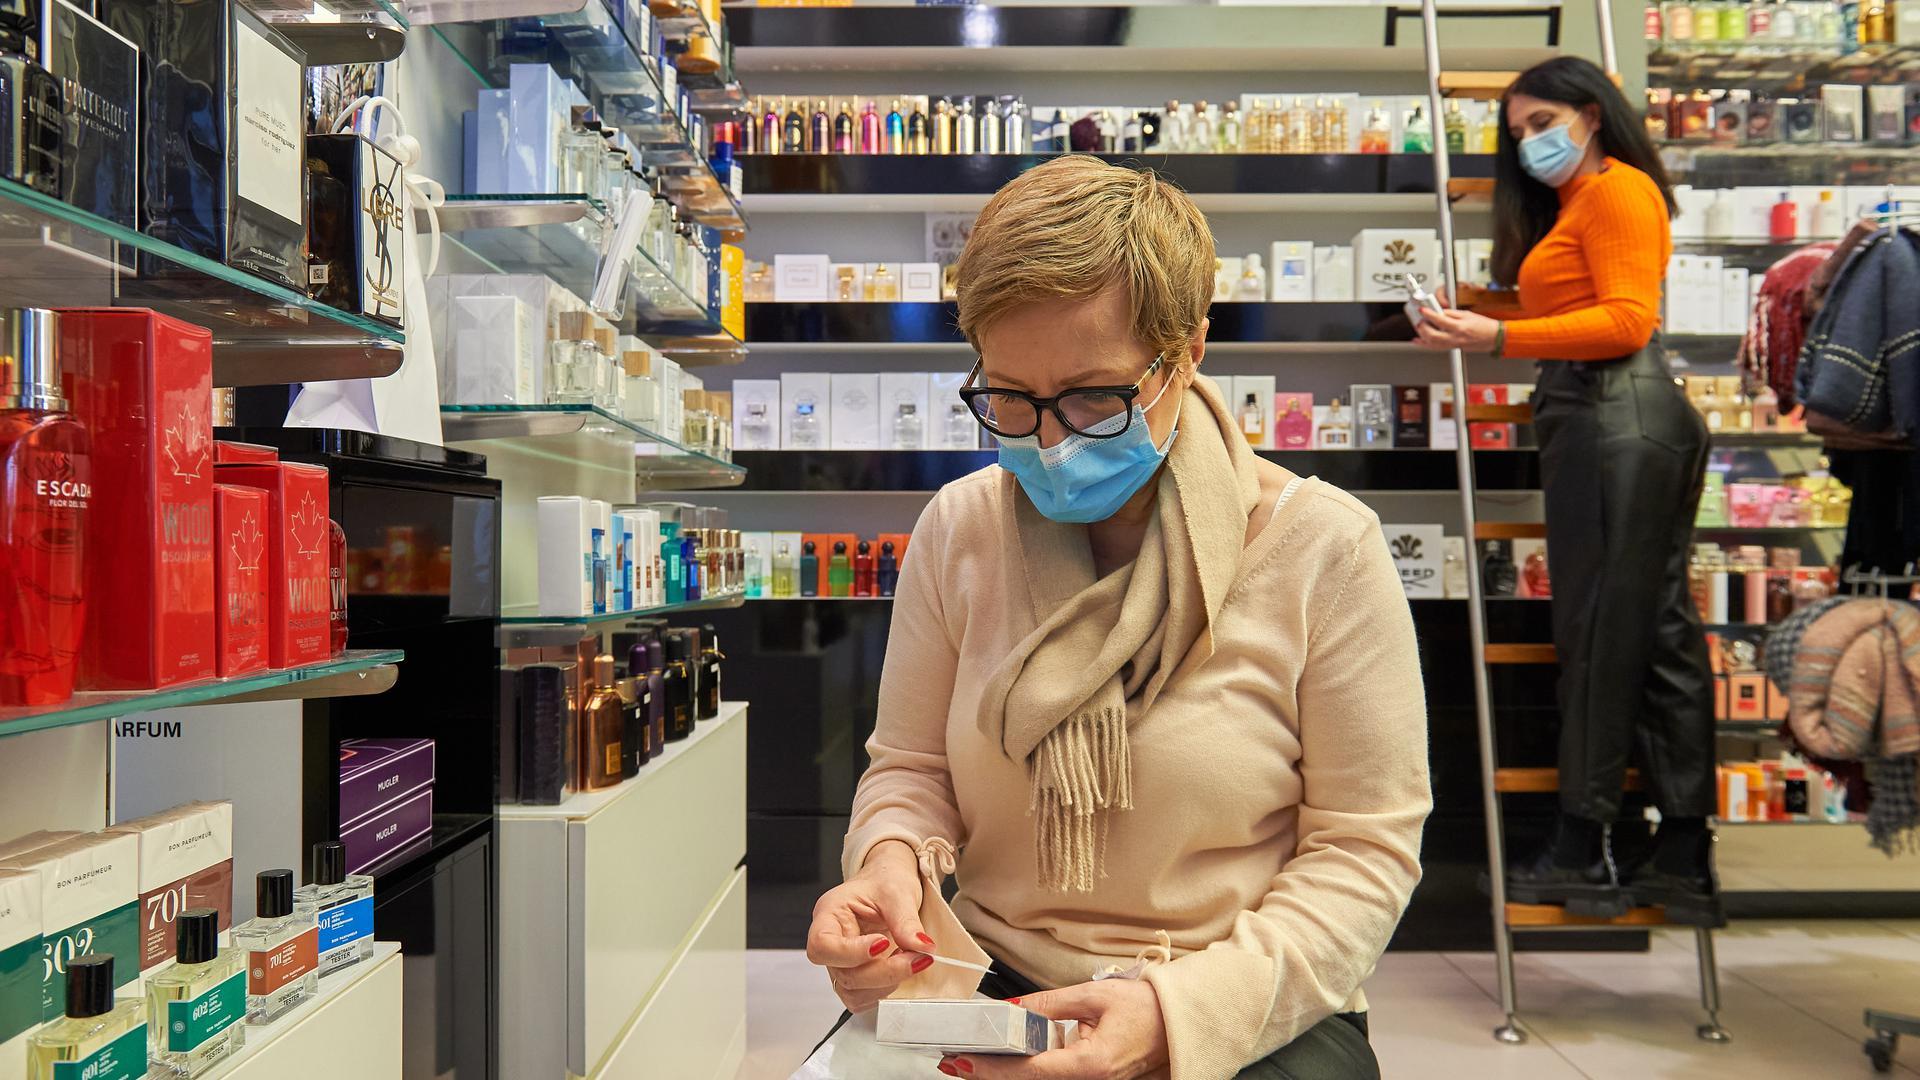 Filialleiterin Anna Bogdon und Kosmetikerin Andrea Barta von der Parfümerie Stephan in Bruchsal